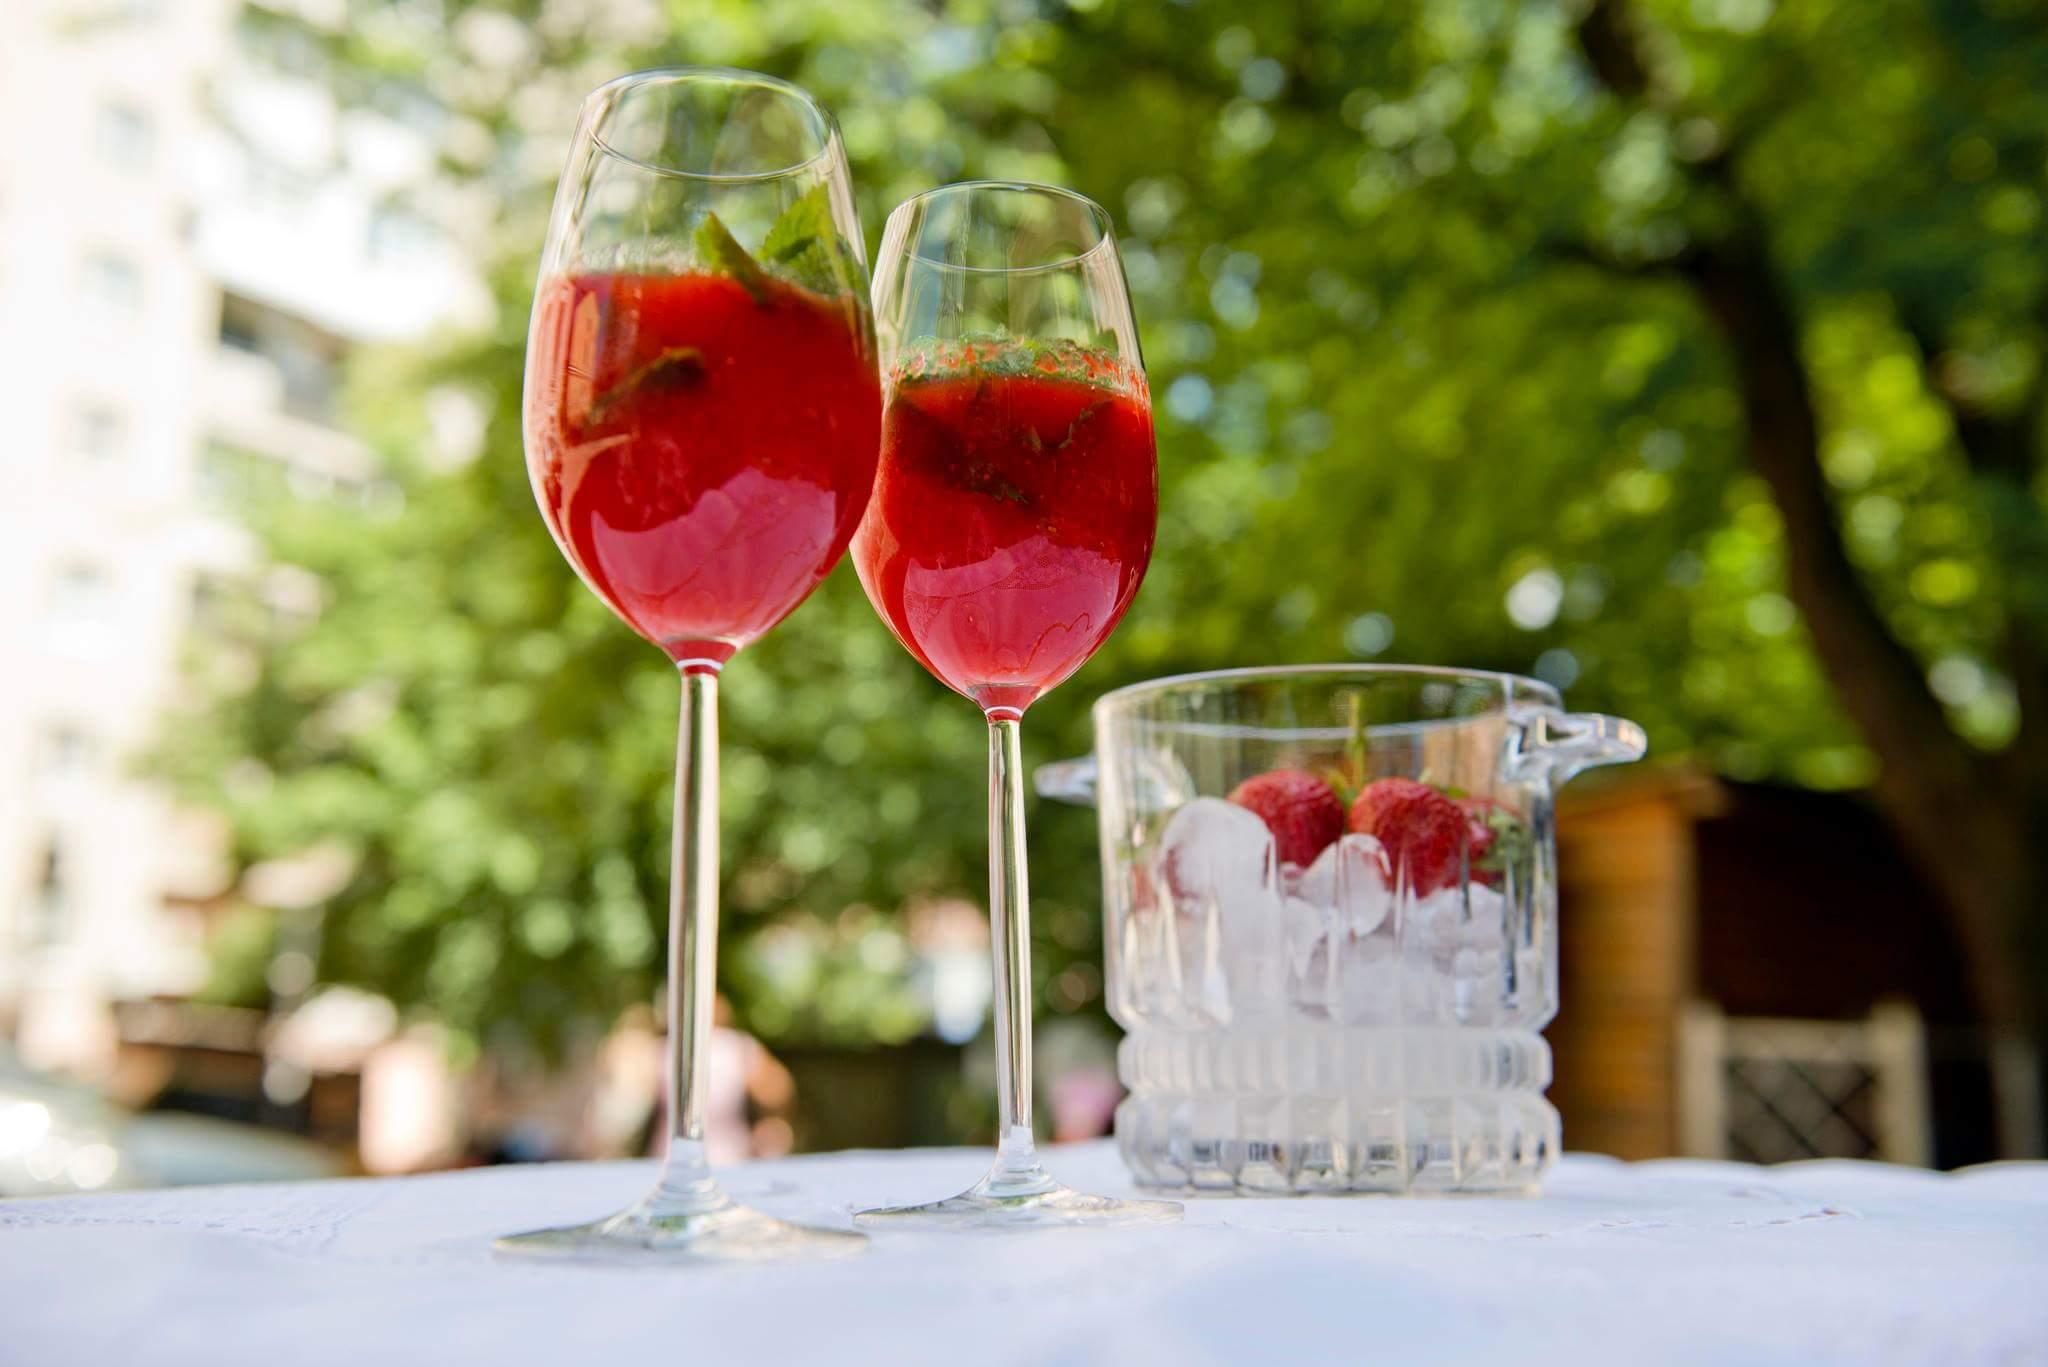 Рецепт Клубничный коктейль с вином